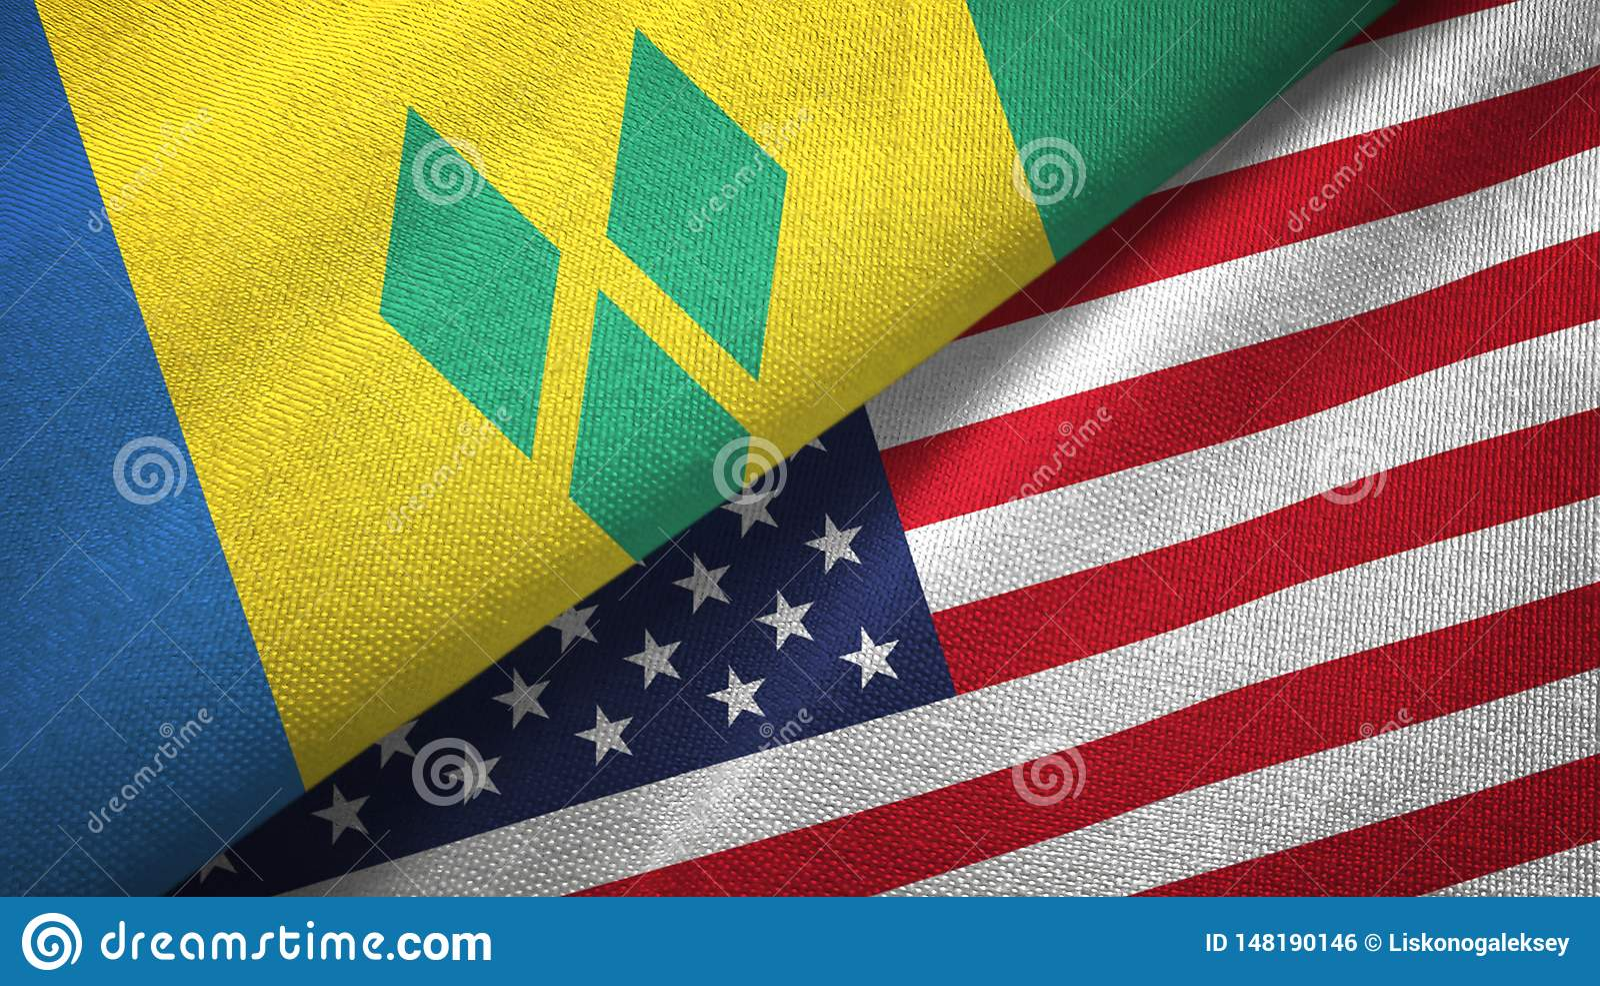 Άγιος Βικέντιος και Γρεναδίνες και Ηνωμένες Πολιτείες δύο σημαίες